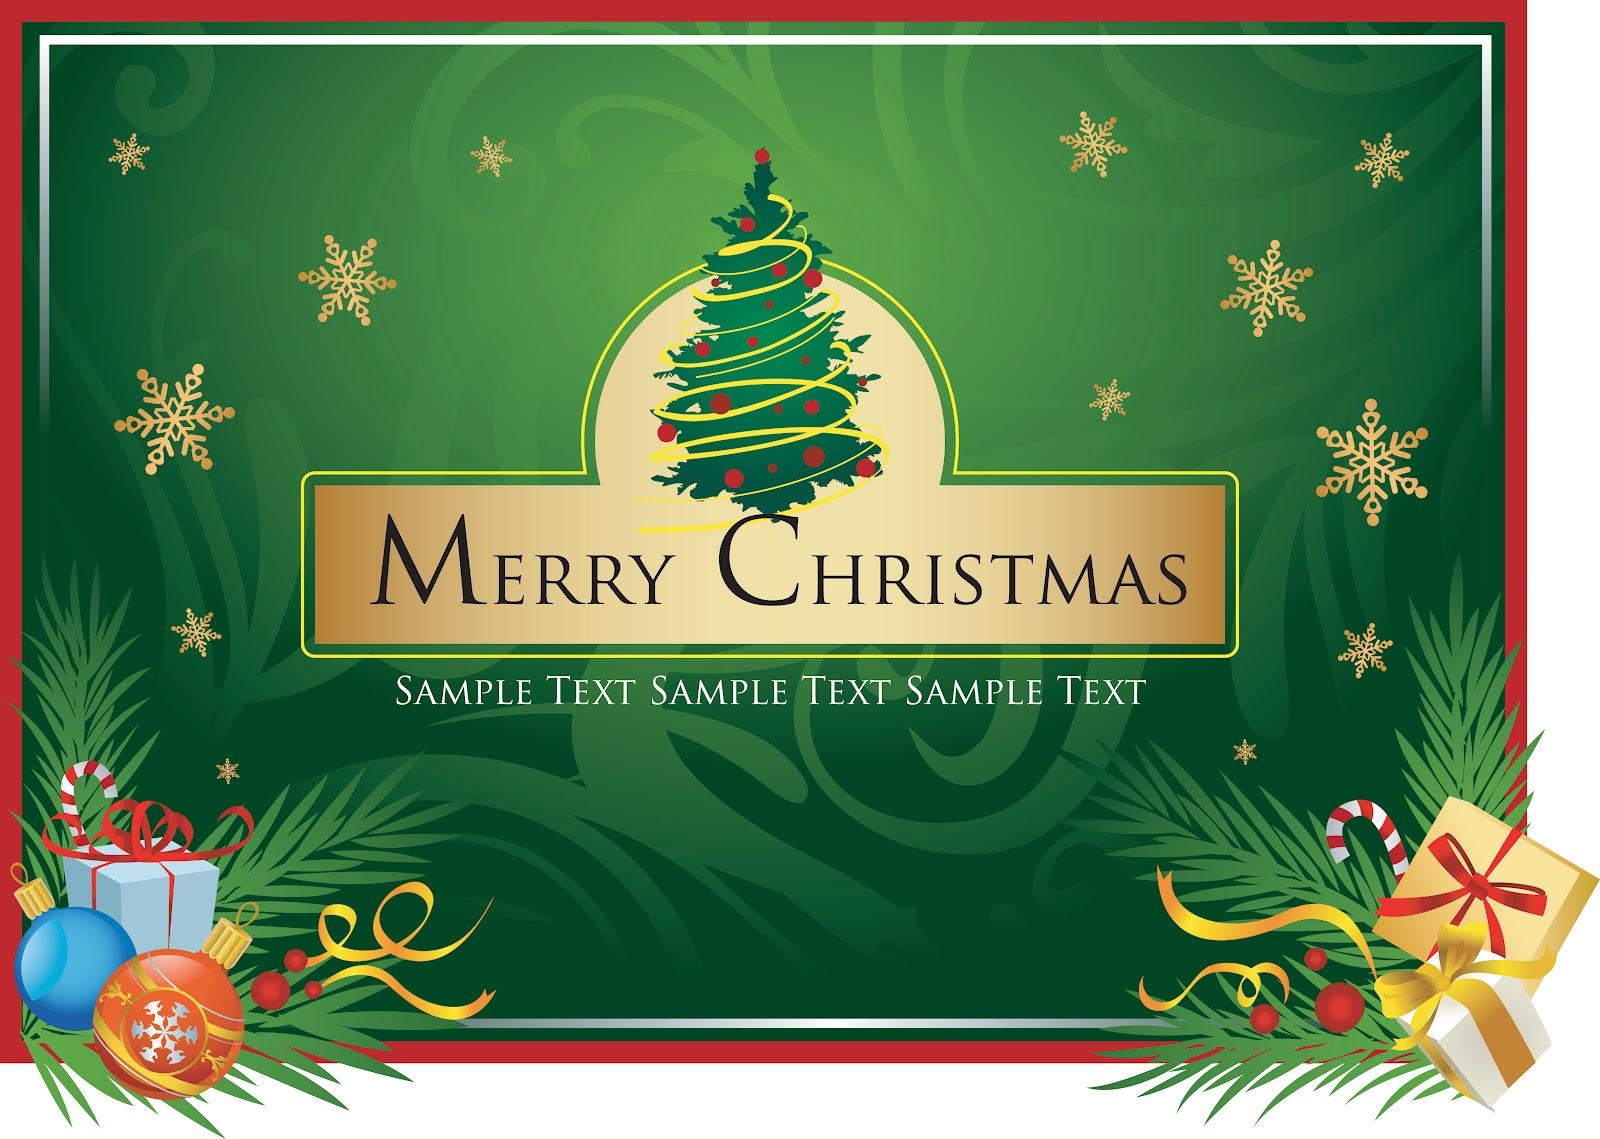 iSeng Desain's: Template Kartu Ucapan Natal 2012